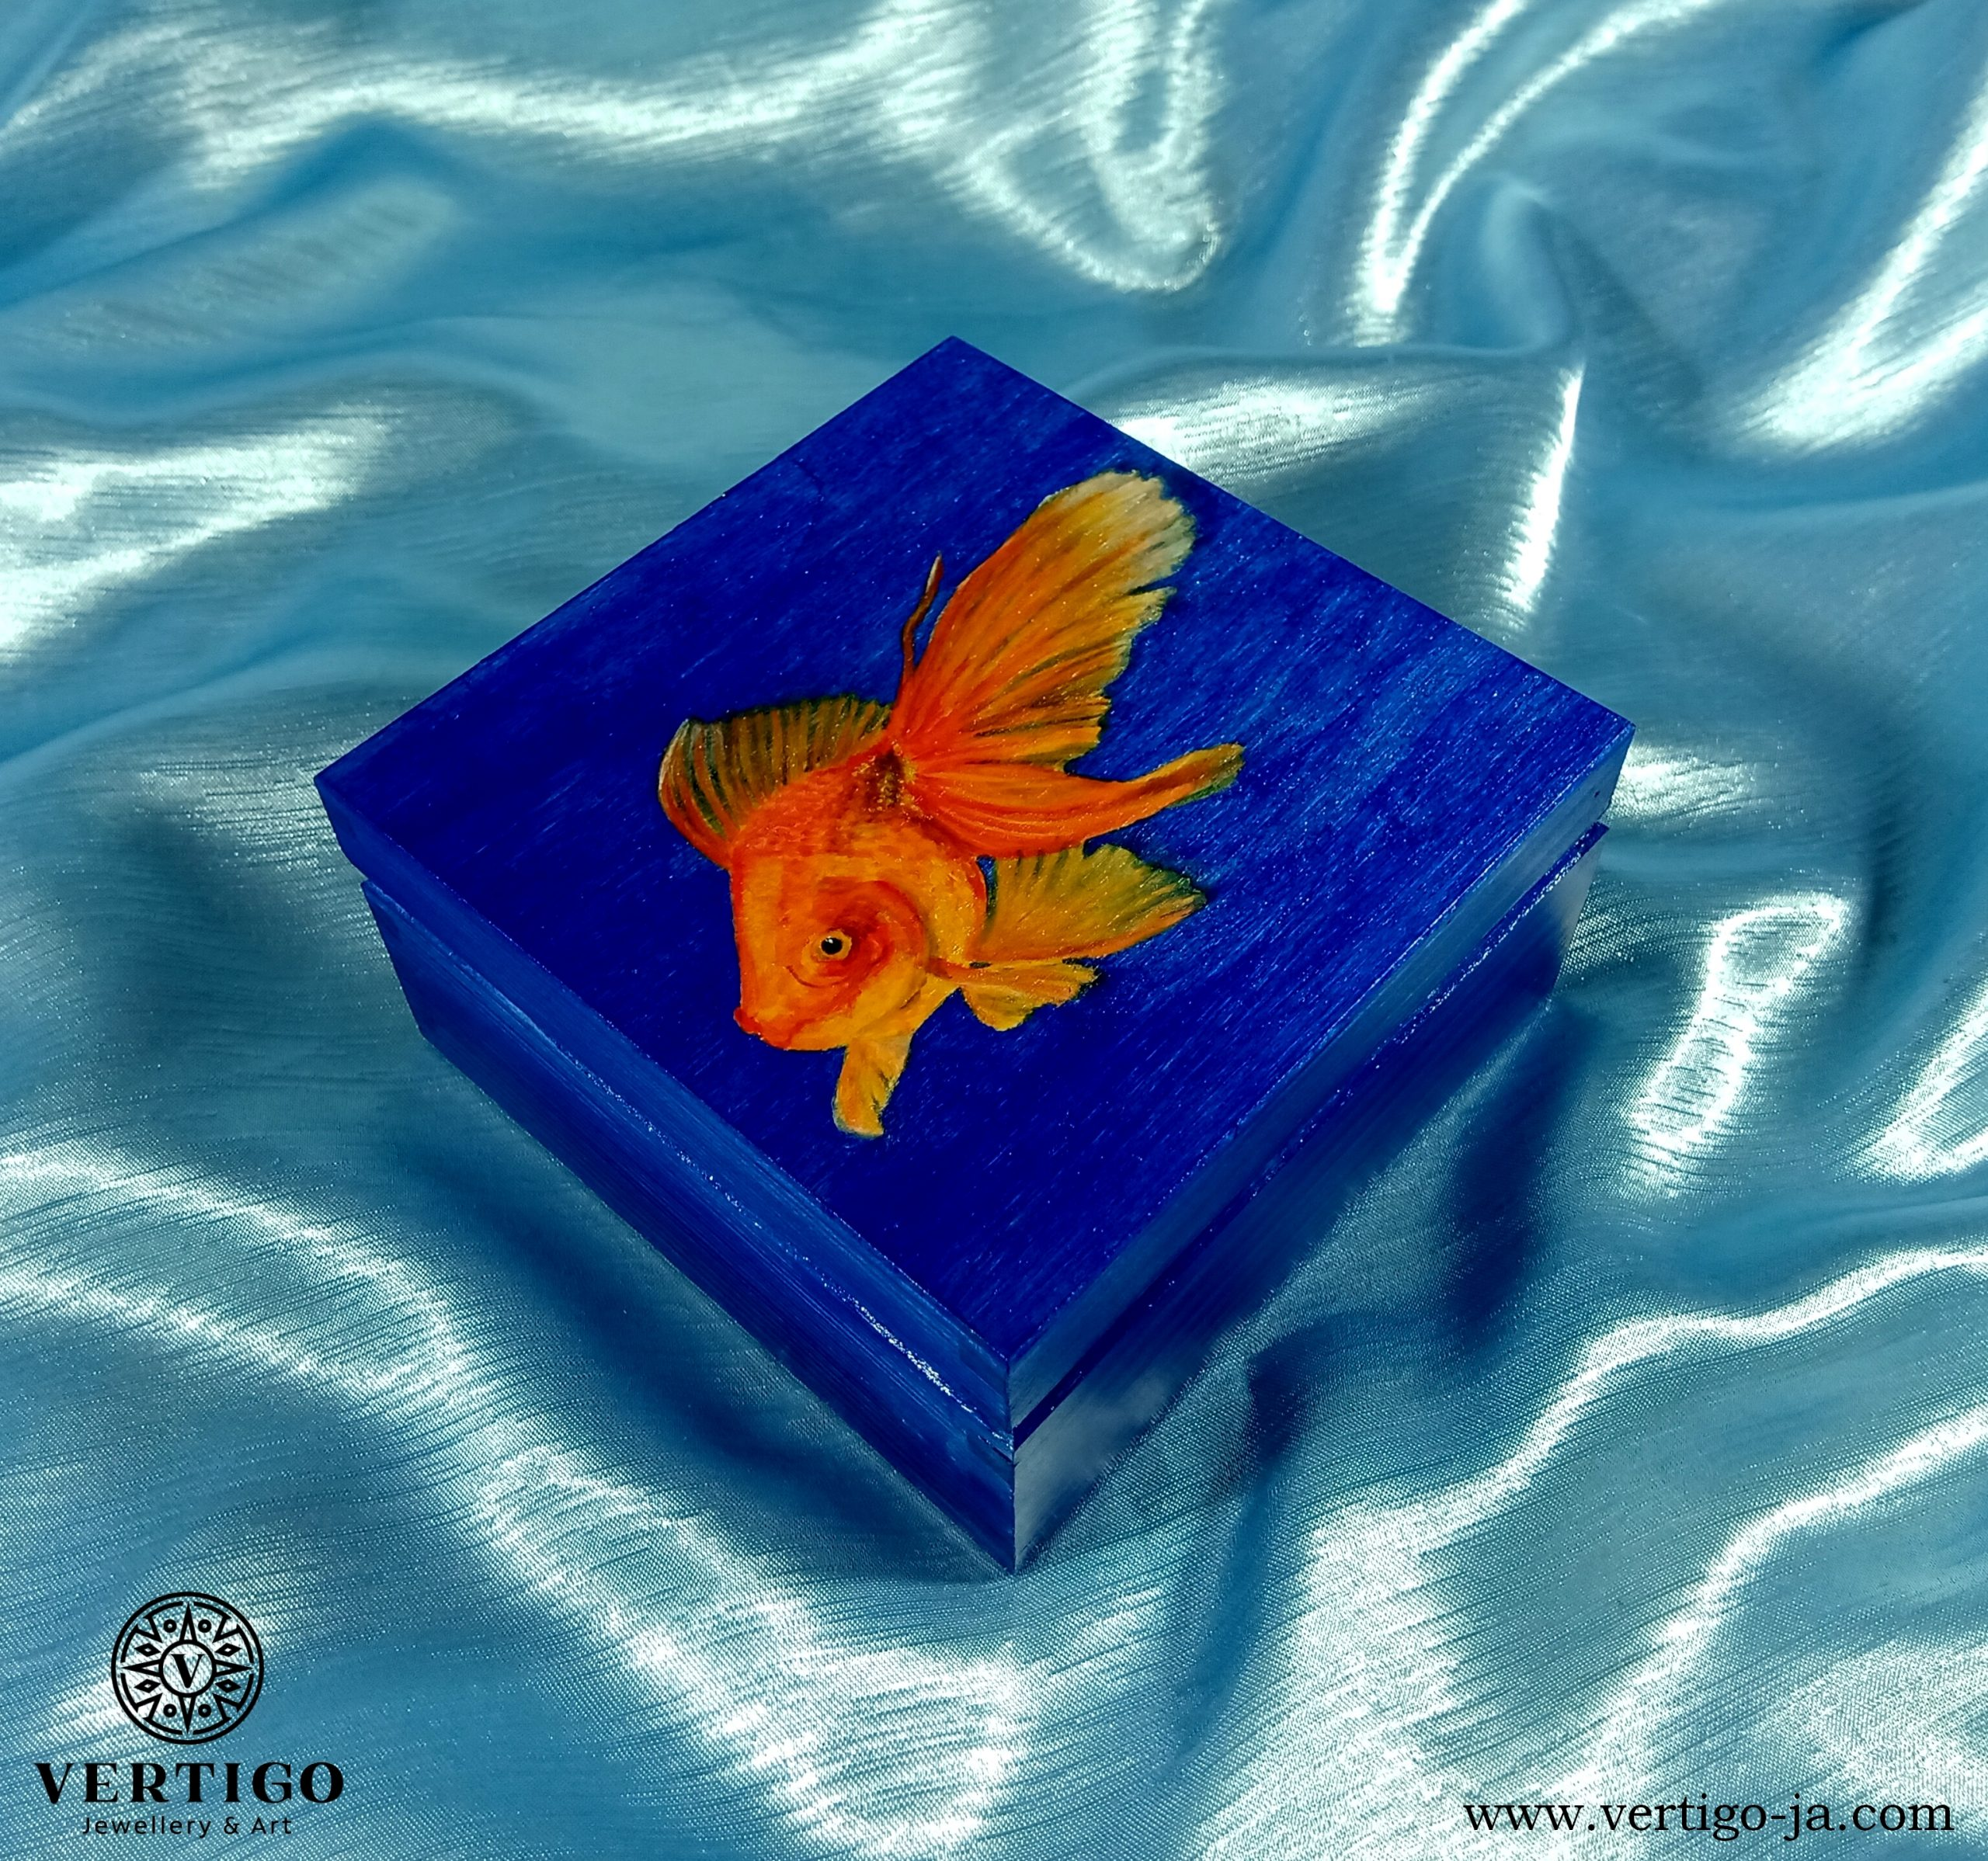 Granatowe, drewniane pudełko ze złotą rybką